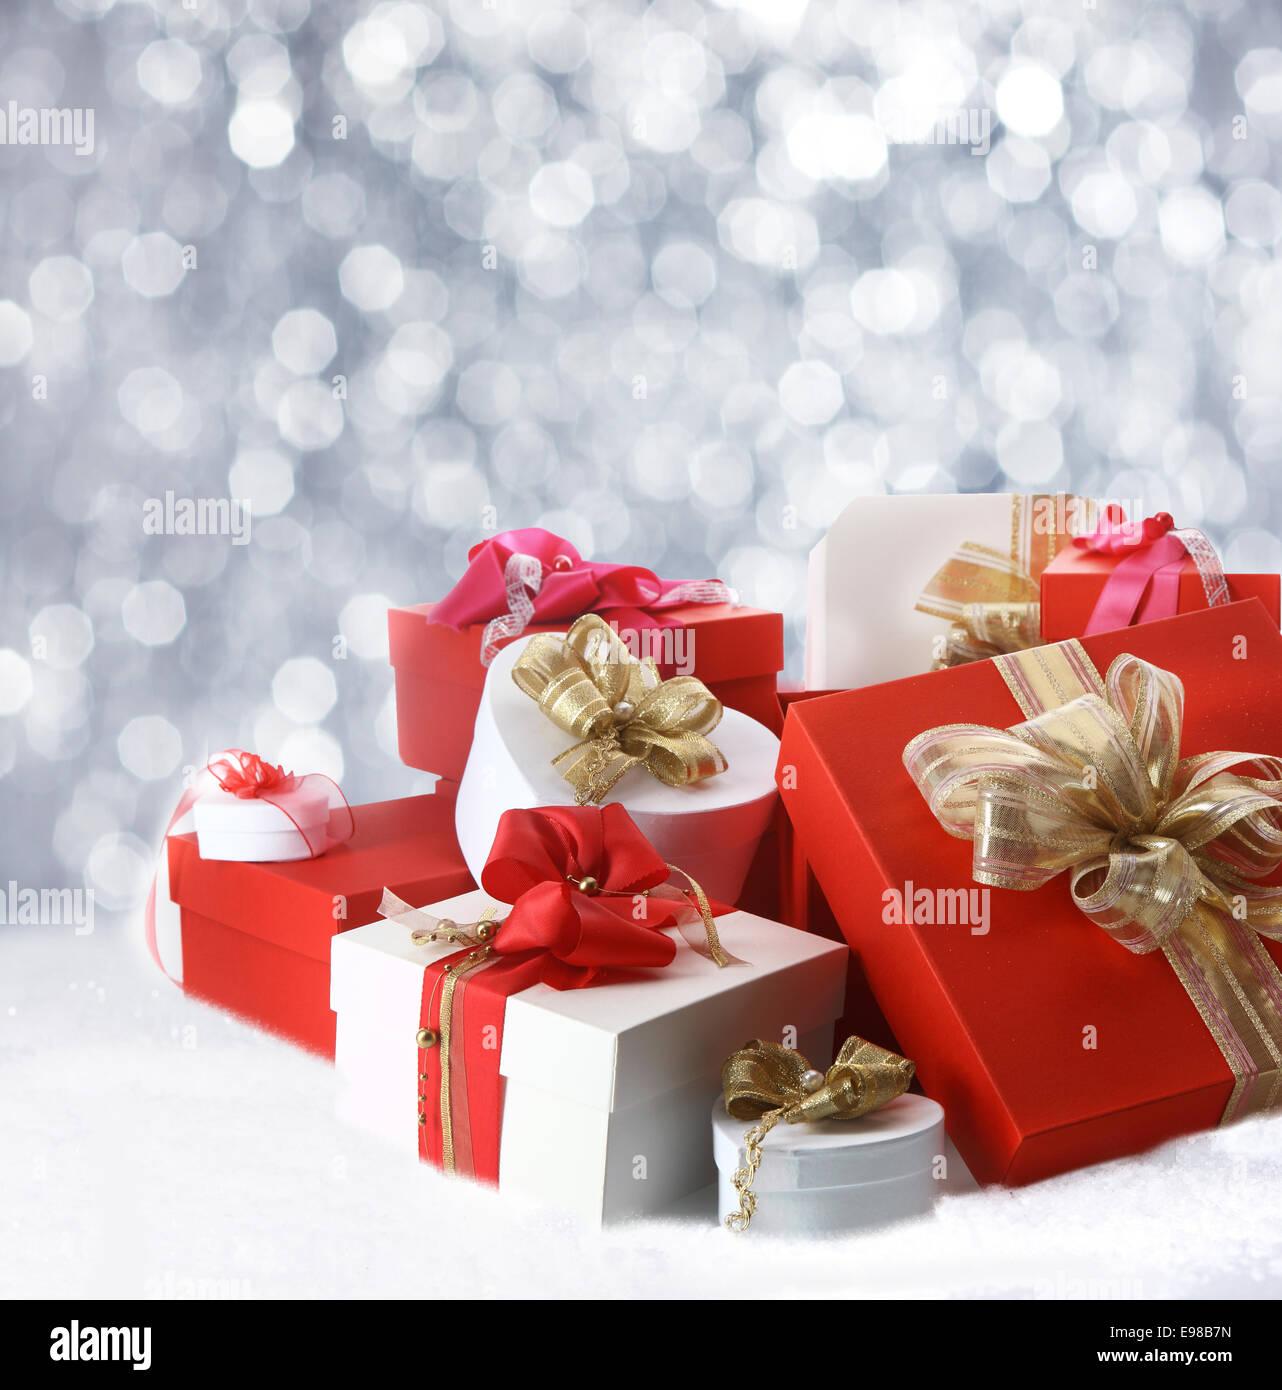 Sammlung von festliche dekorative Weihnachtsgeschenke in rot, weiß ...